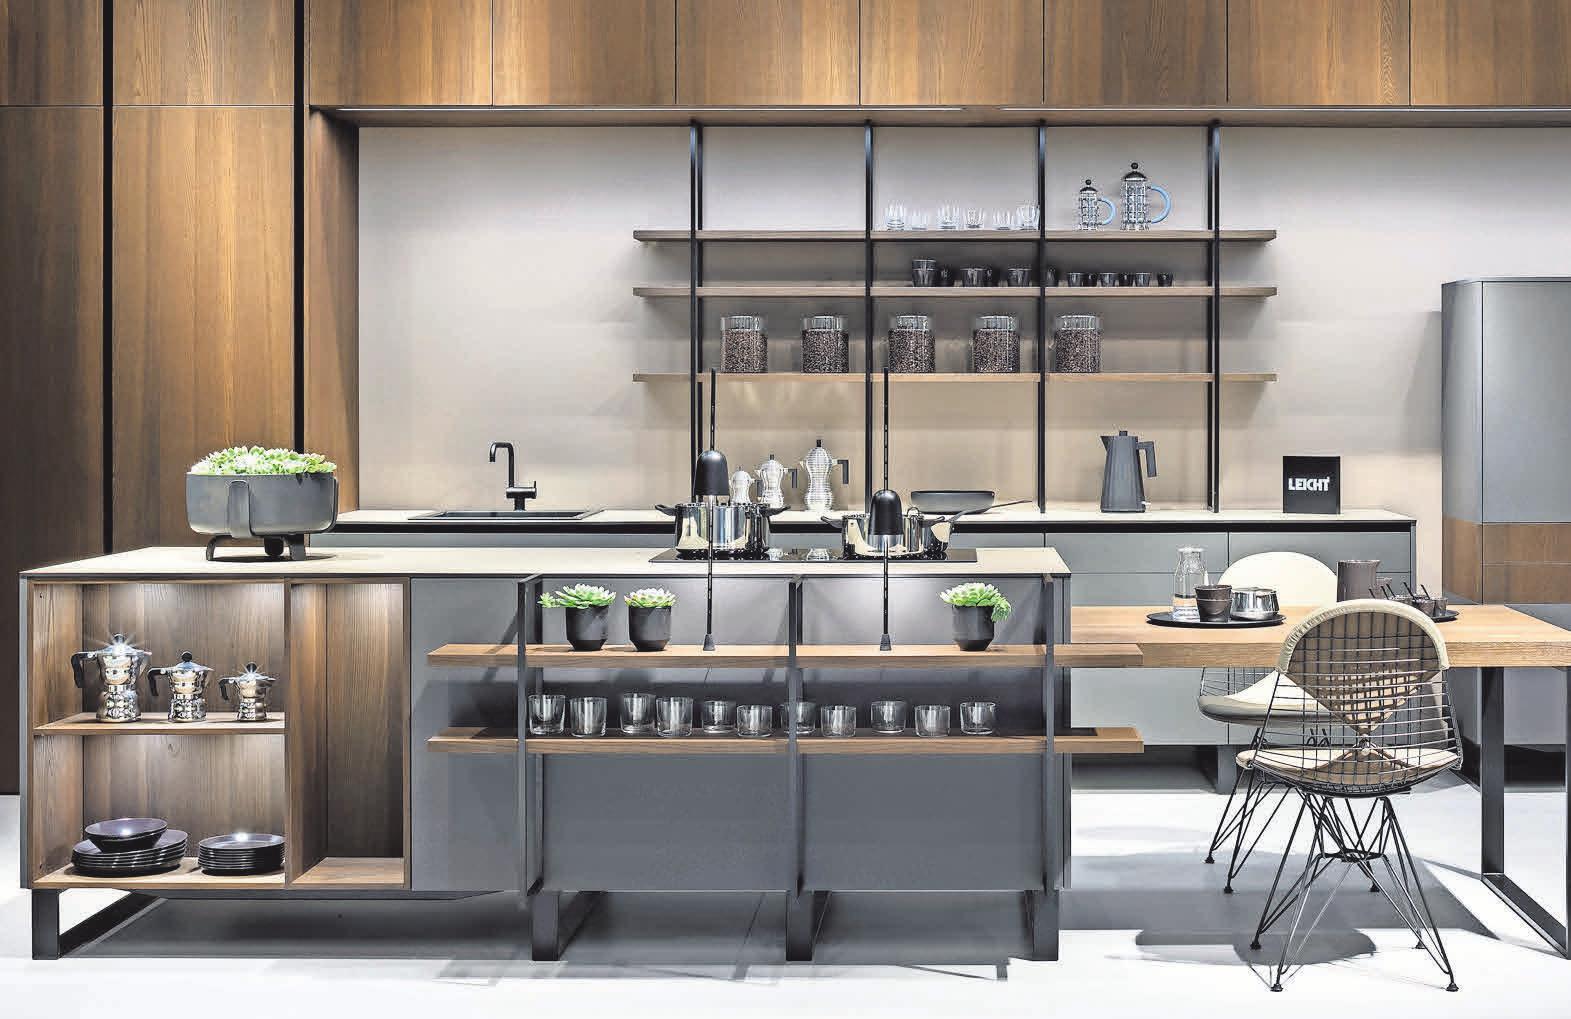 Abwechslungsreiche Materialkombinationen stehen bei den Küchen des Herstellers Leicht im Vordergrund